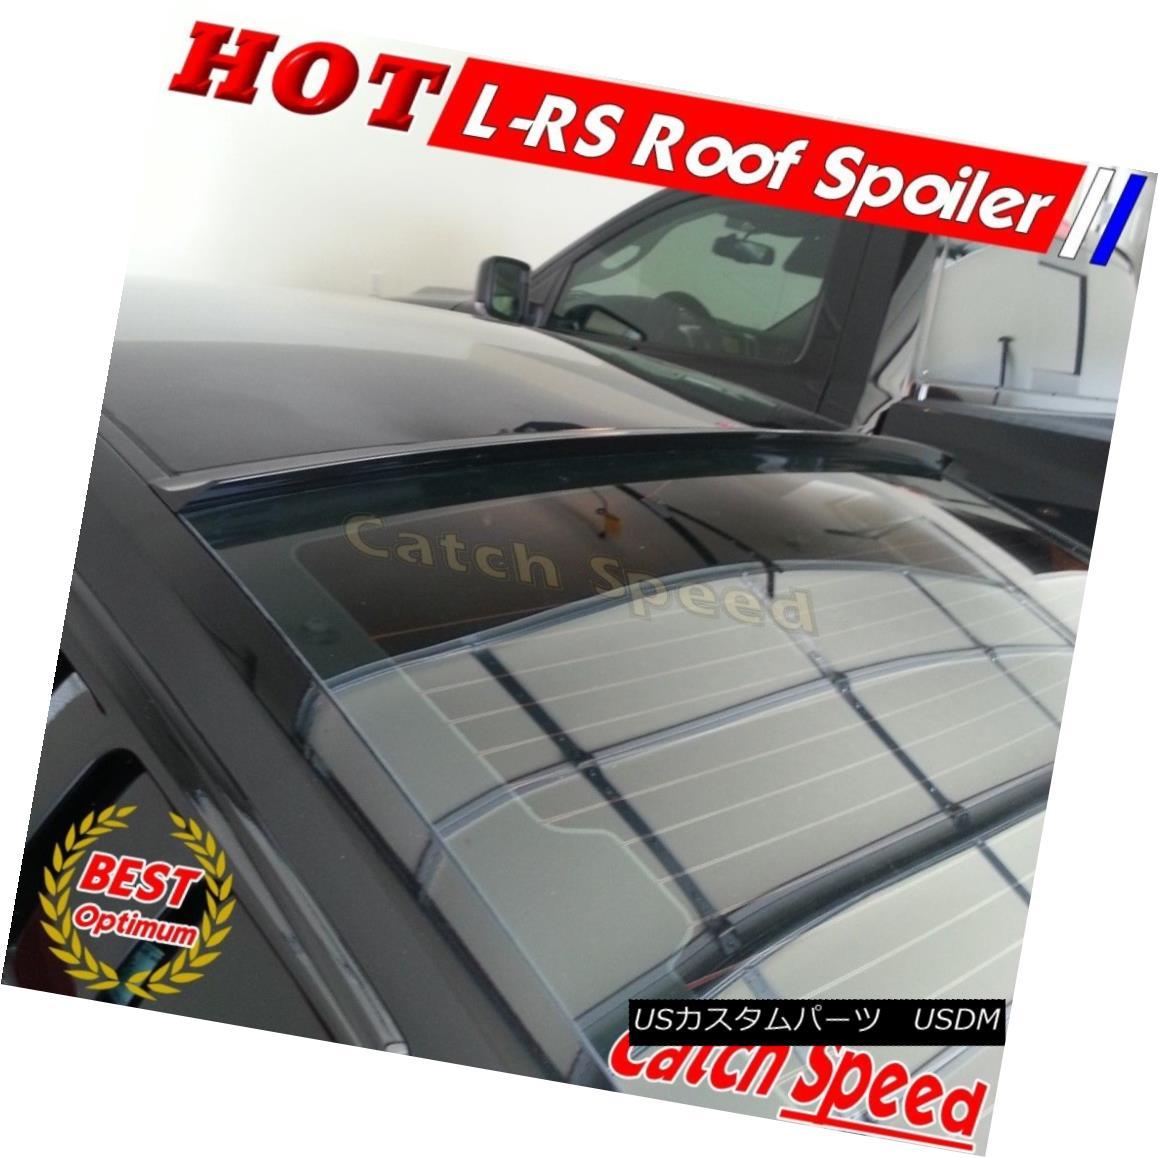 エアロパーツ Painted LRS Type Rear Roof Spoiler Wing For Honda CIVIC Sedan 1987-1991 ? ホンダシビックセダン1987-1991のために塗装されたLRSタイプリアルーフスポイラーウイング?